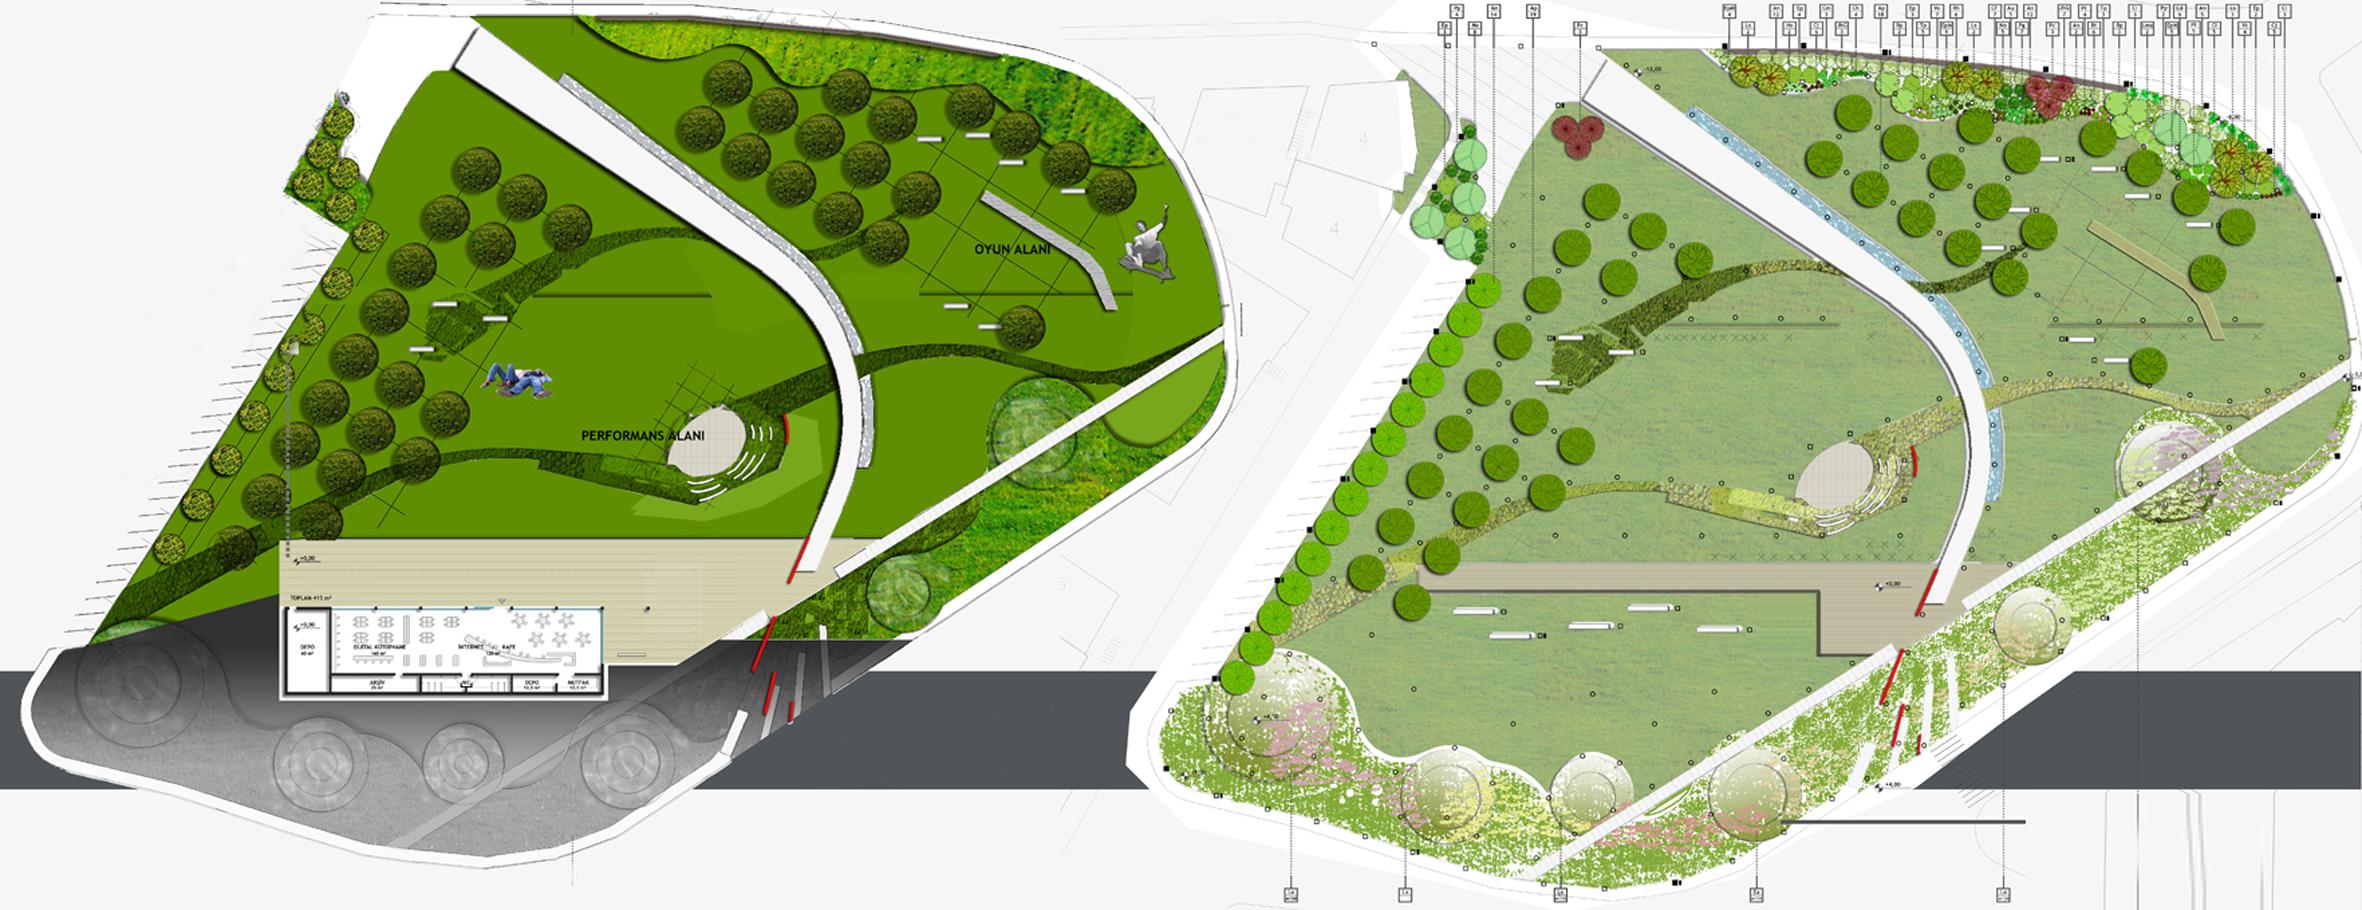 Trabzon Belediyesi Kalkınma Mahallesi Parkı Yarışma Projesi